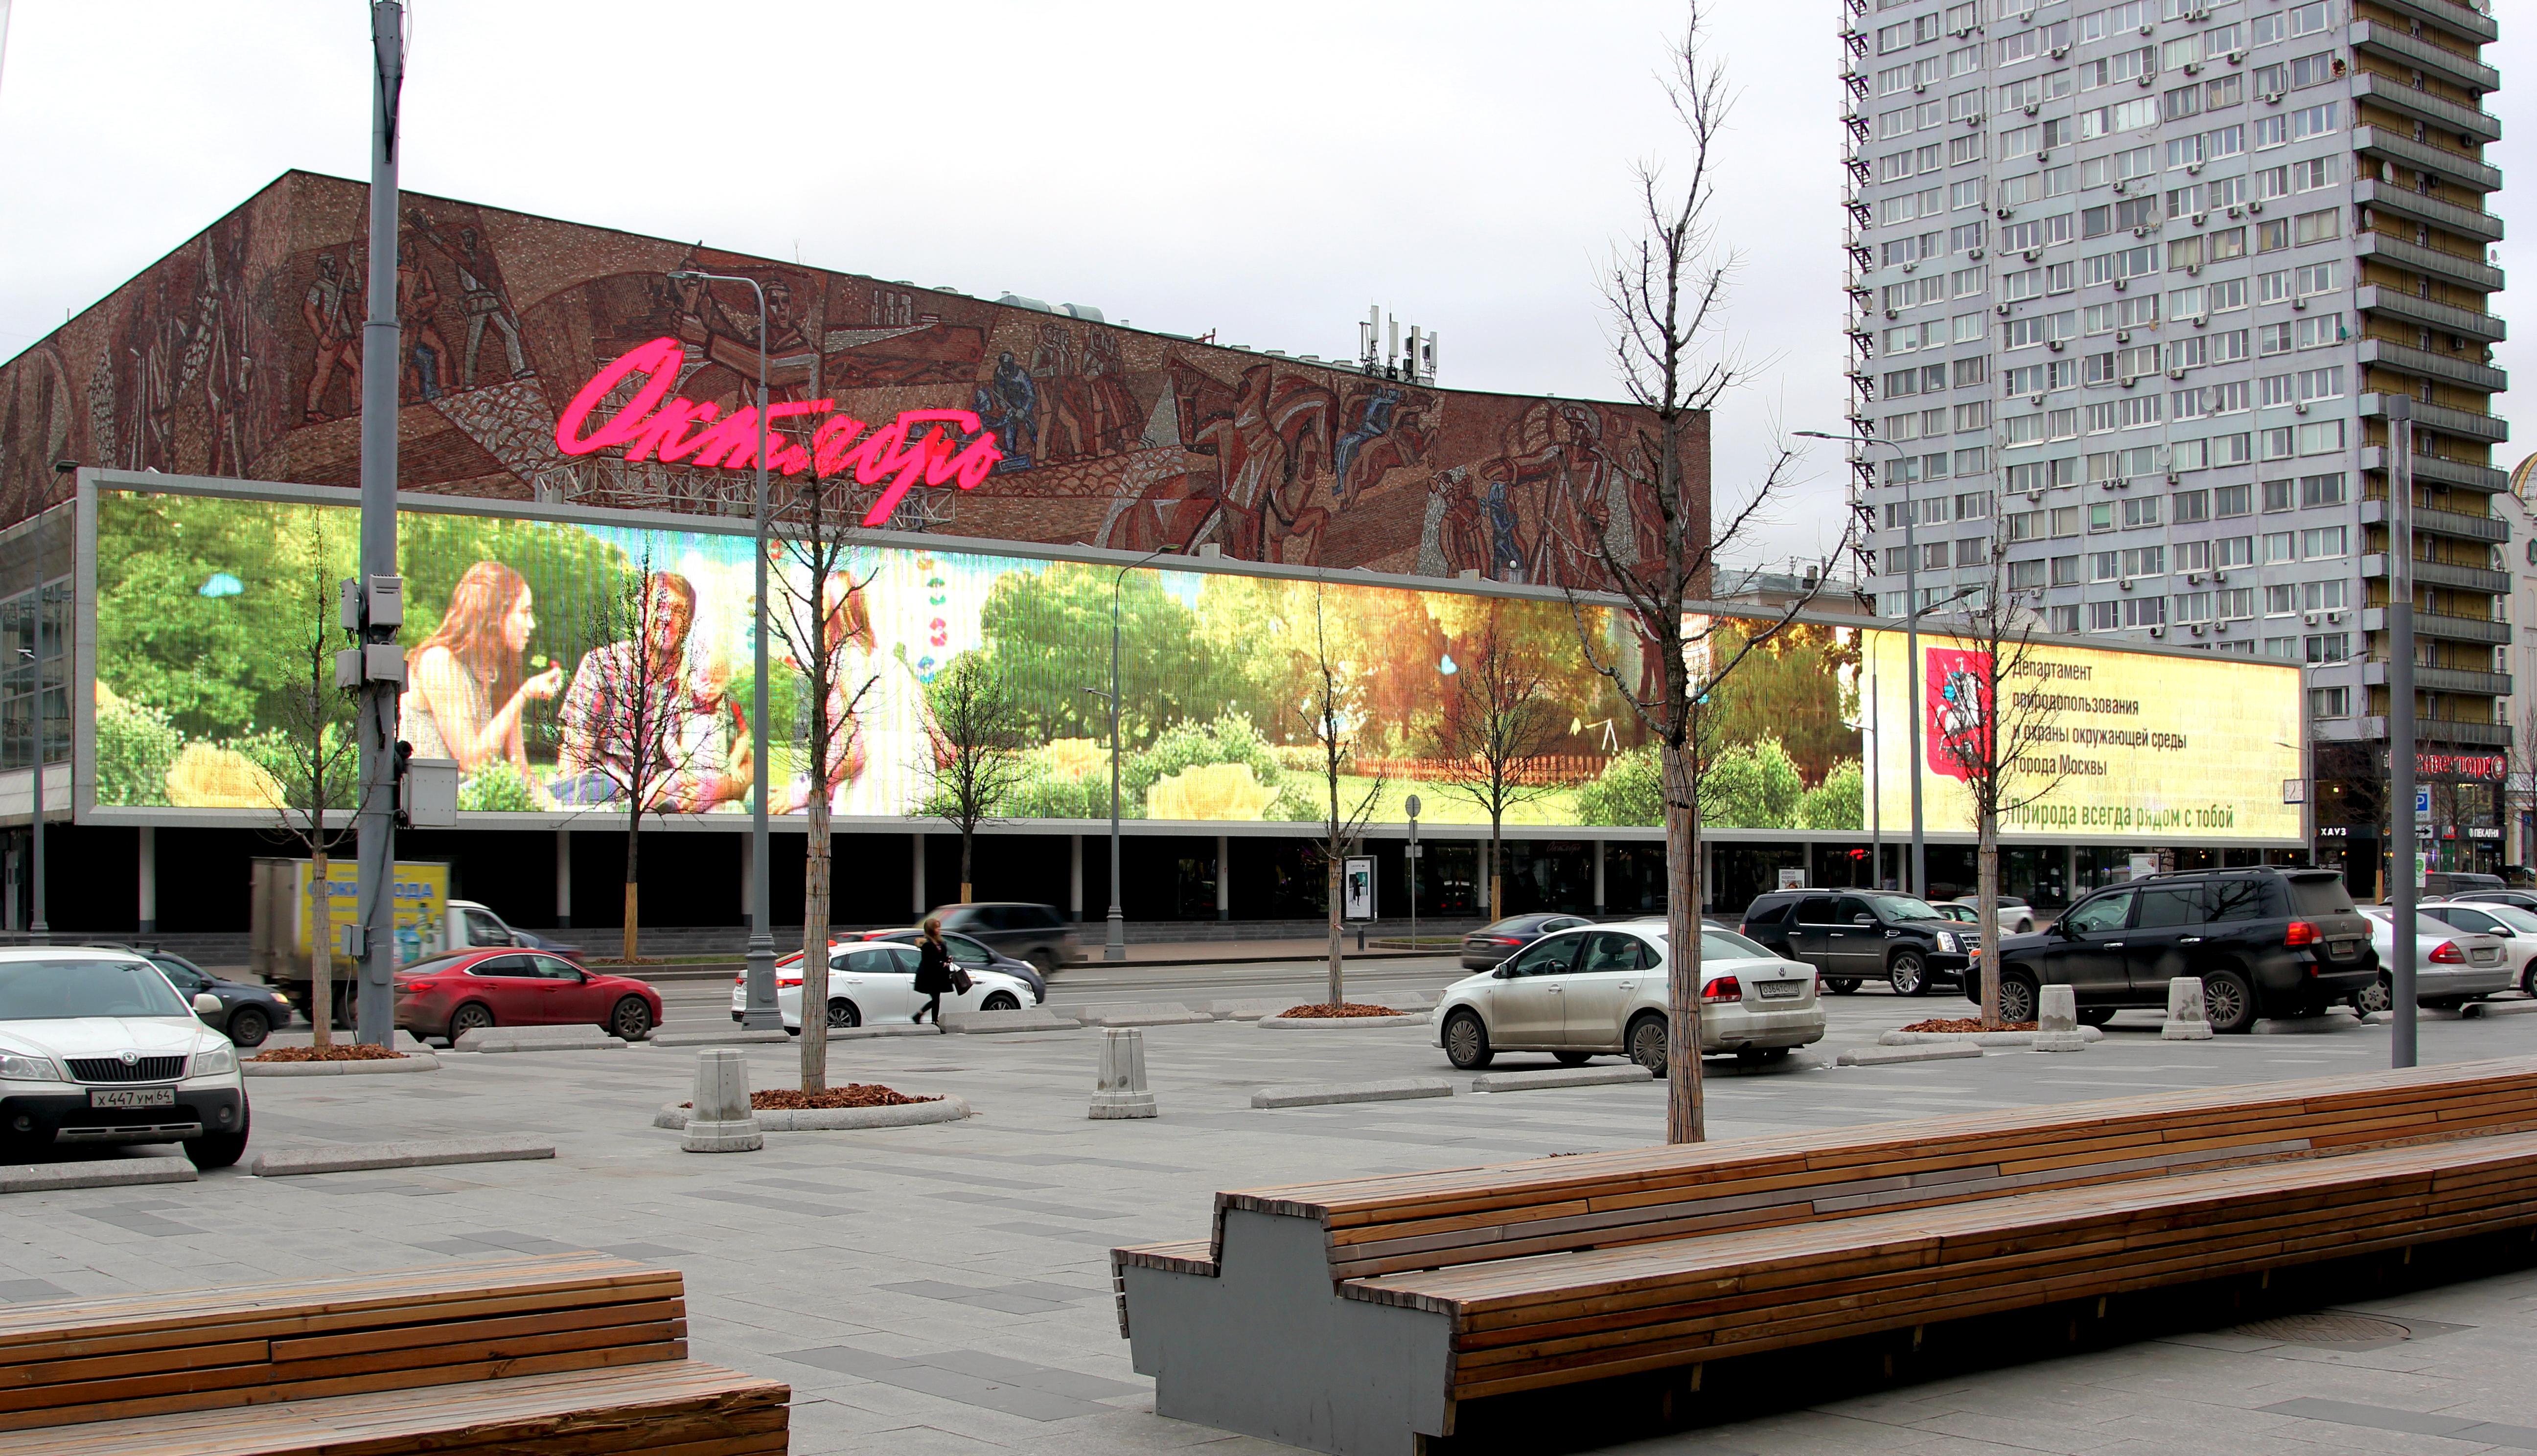 Размещение наружной рекламы для Департамента продопользования и охраны окружающей среды города Москвы